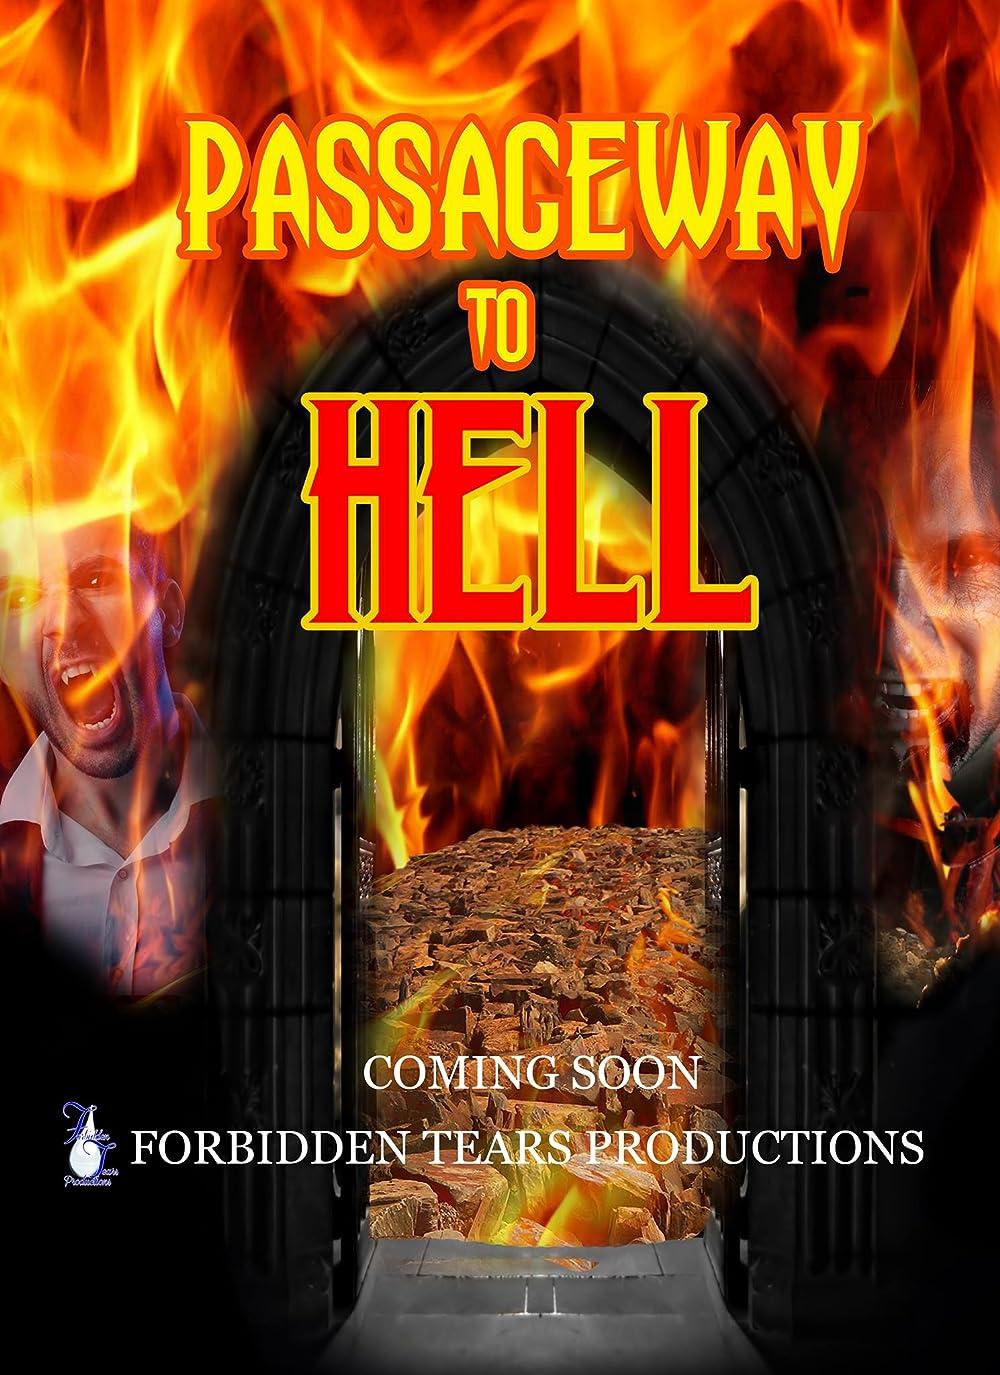 Passageway to Hell 2017